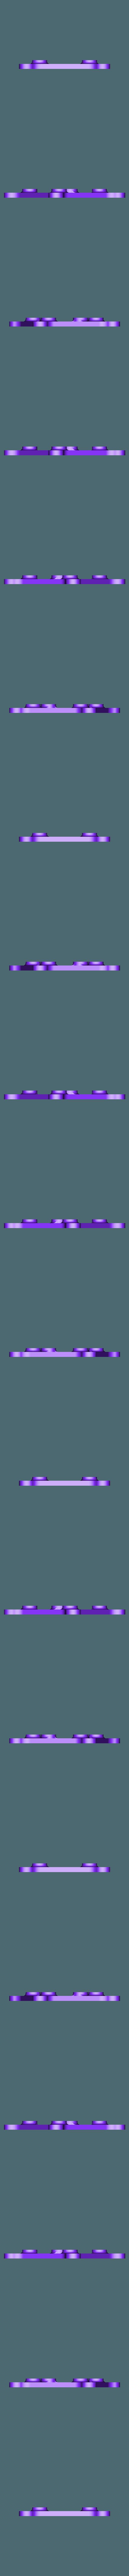 Adapter_30.5x30.5_To_20x20.stl Télécharger fichier STL gratuit Cadre du quadriporteur Exorcist Racing (nouveau modèle) • Design pour impression 3D, DuckyRC